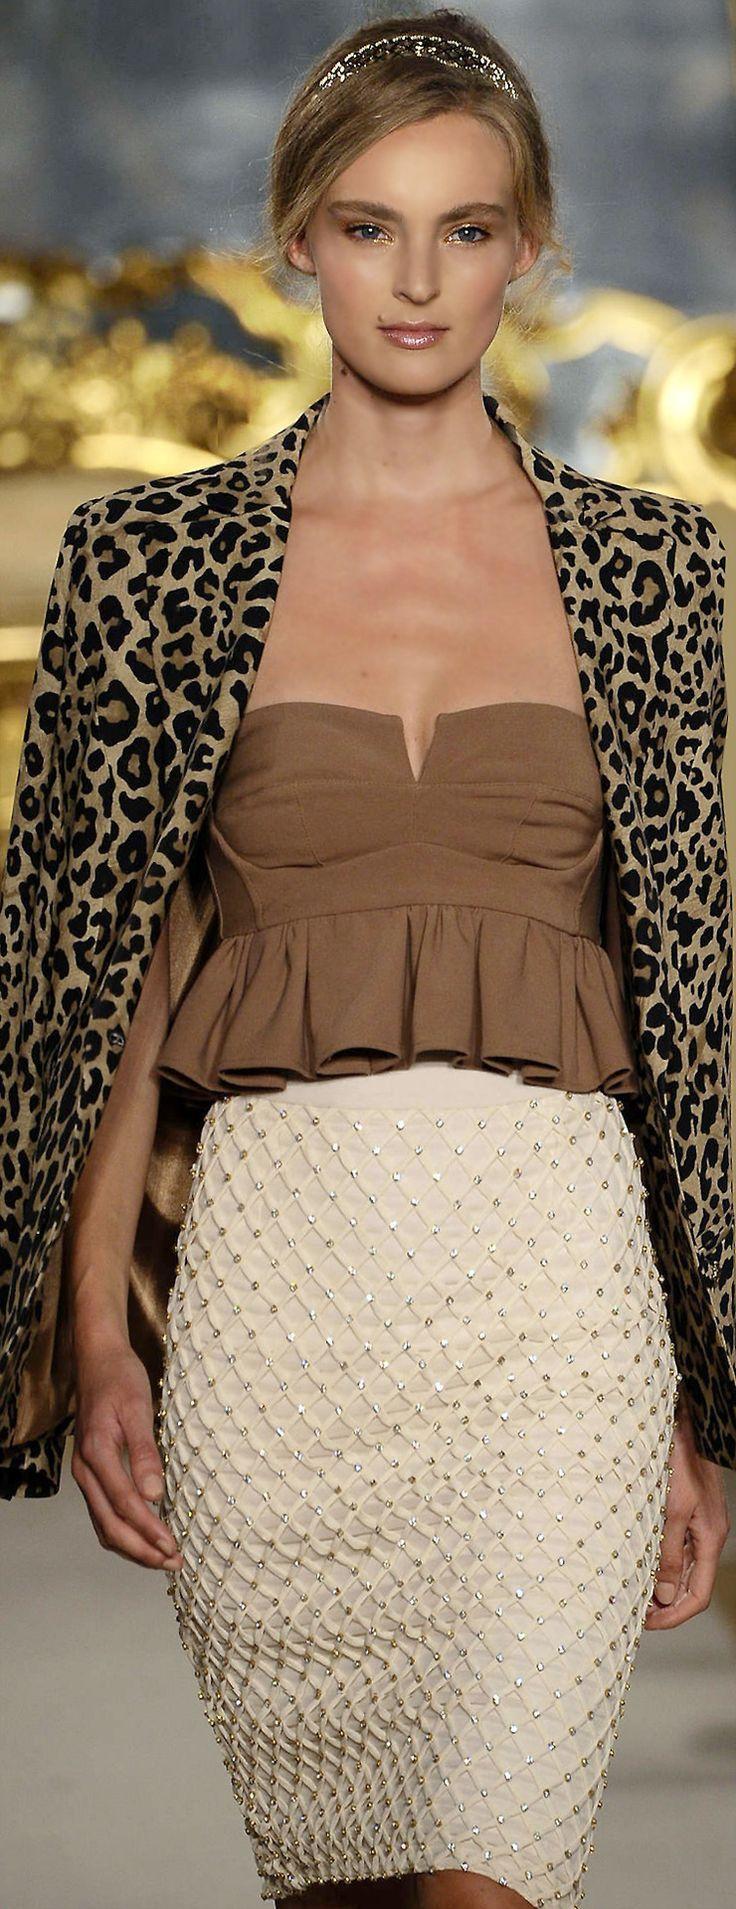 LA COLECION DE ELIZABETTA FRANCHI-PRIMAVERA 2015 La Diseñadora Elisabetta Franchi- Presenta su nueva Colección Primavera 2015, es una colección de #moda muy sexy, femenina que sera una sensación para  la próxima temporada de primavera con estampados de leopardo, cuellos con pedrería, lentejuelas, elegante y casual.